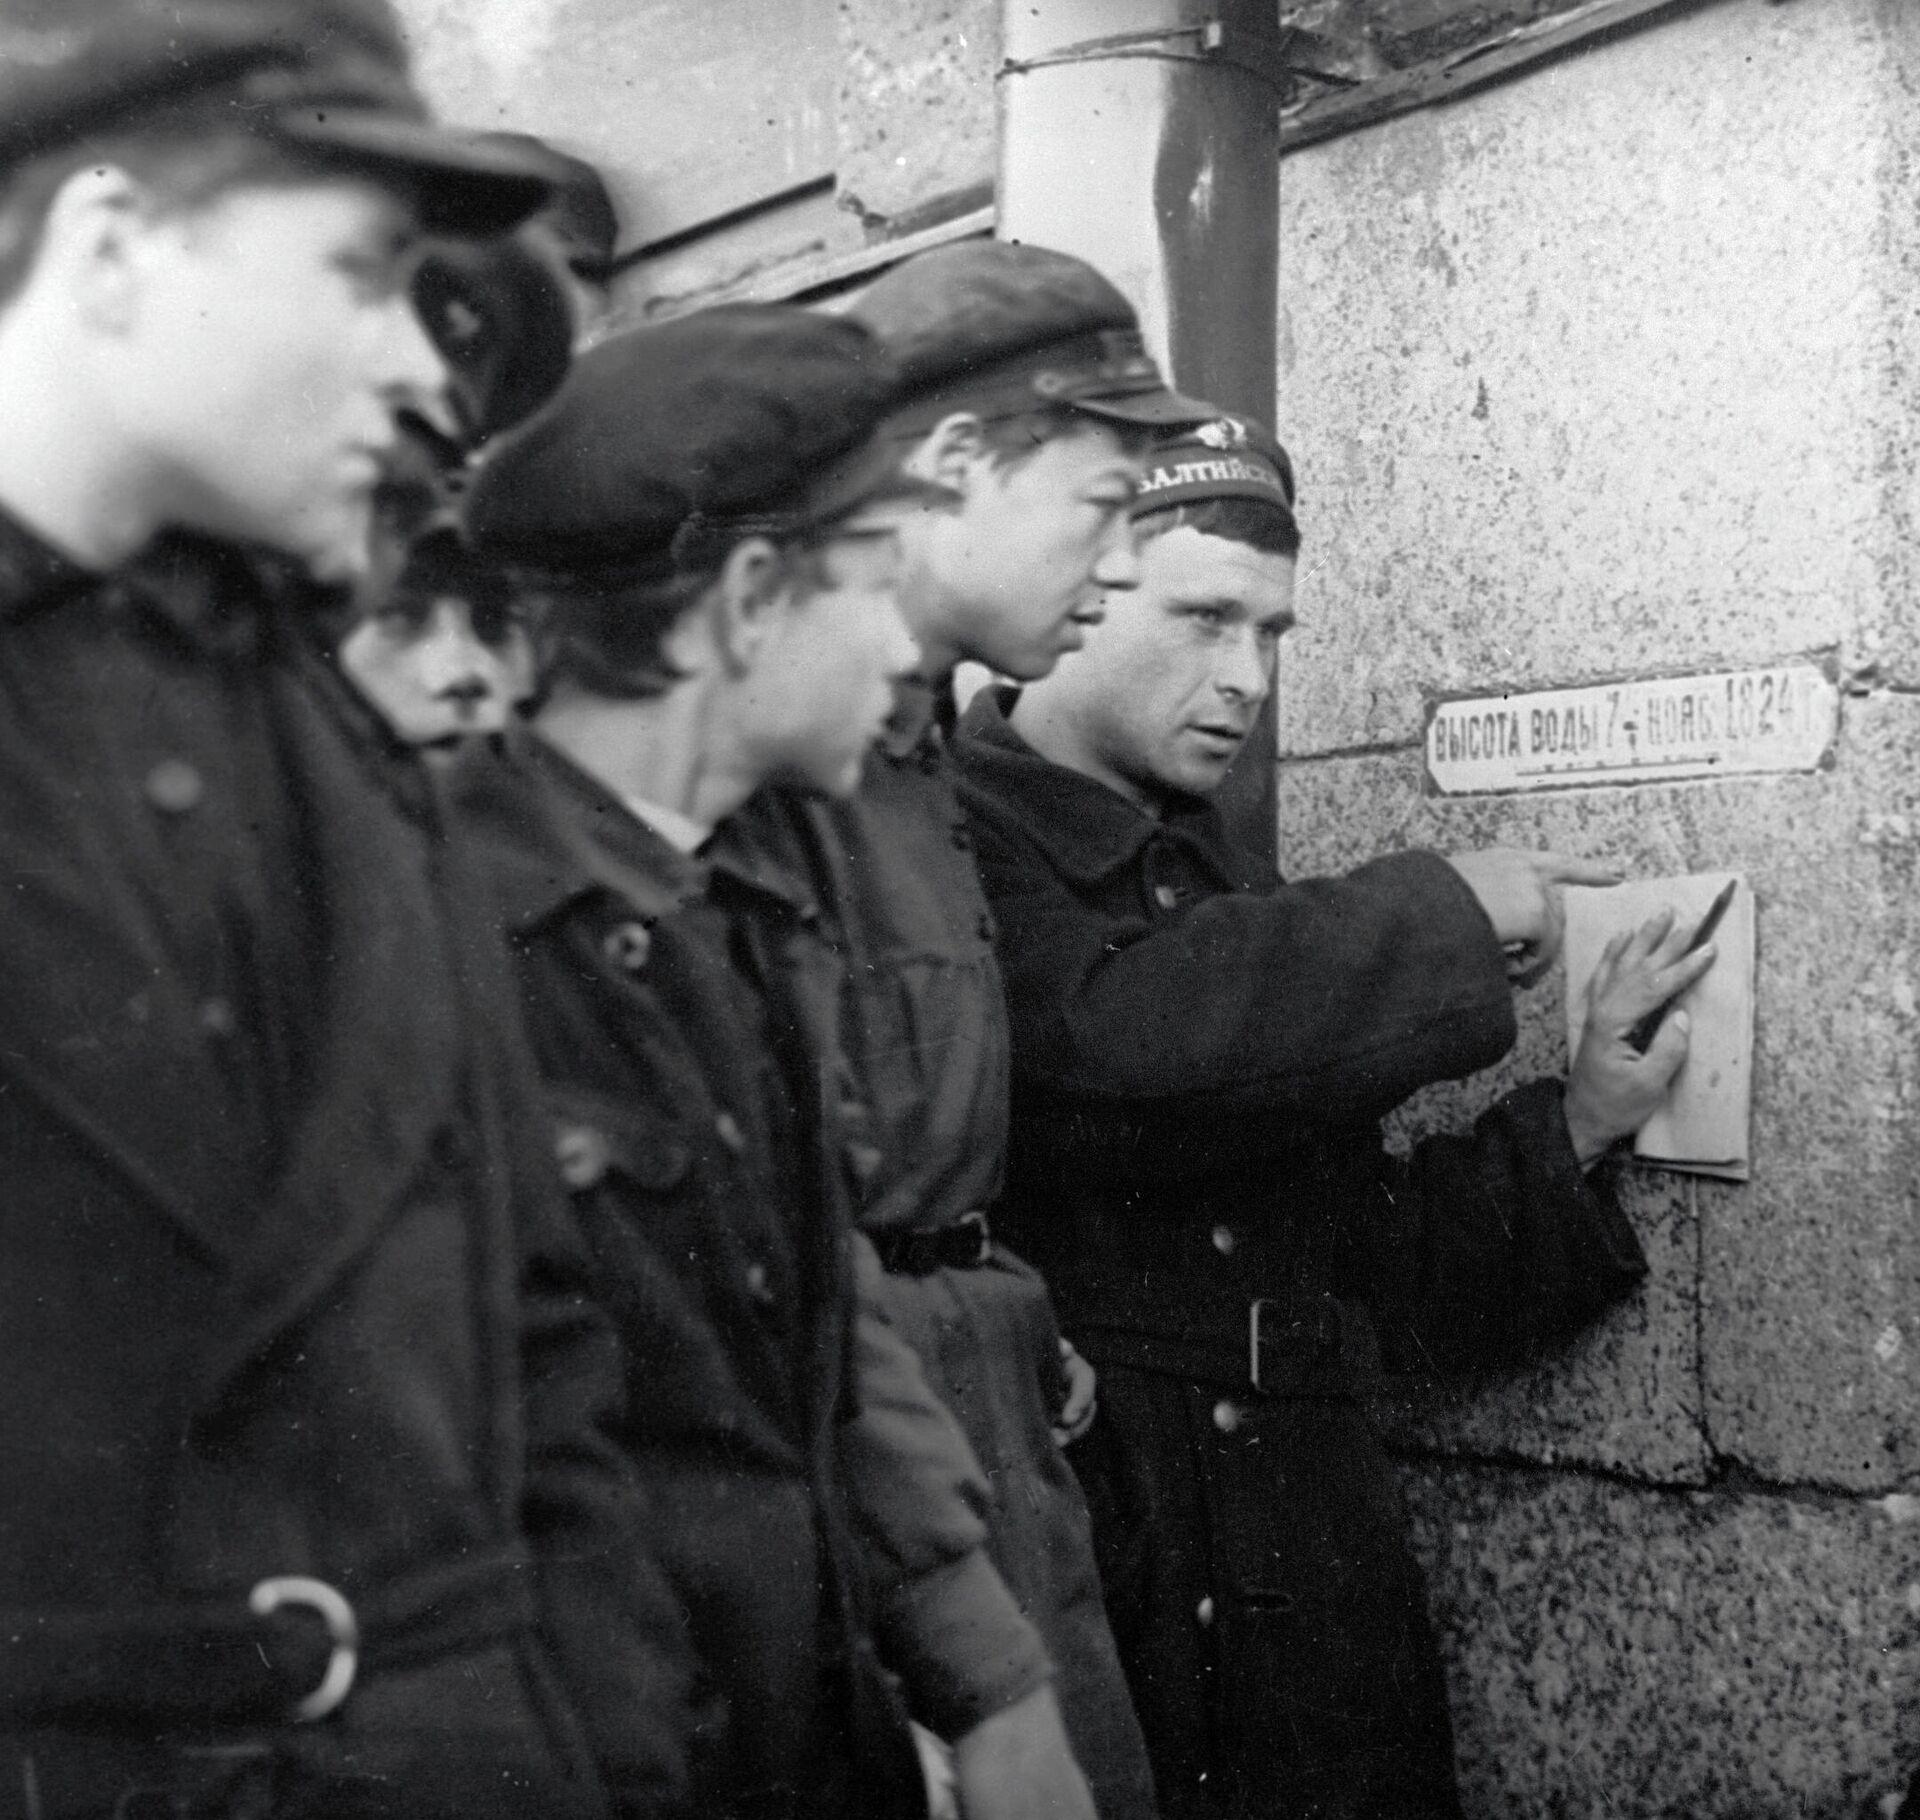 Сотрудники, следящие за уровнем воды в Неве, записывают результат в день наводнения - РИА Новости, 1920, 22.09.2021